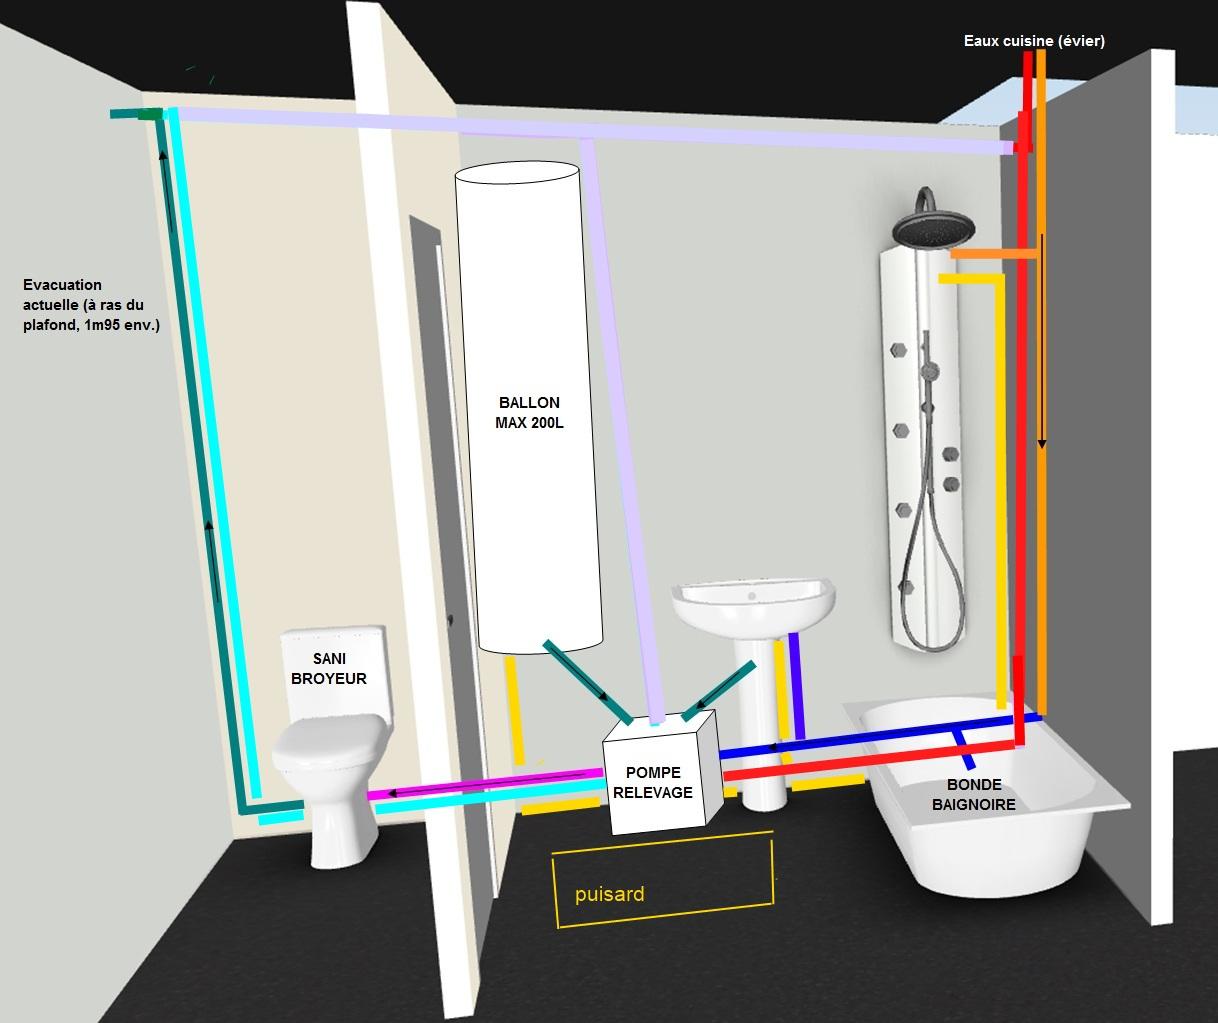 Lavabo Salle De Bain Facq ~ Possibilit Pose Pompe Relevage En Plus D Un Sanibroyeur